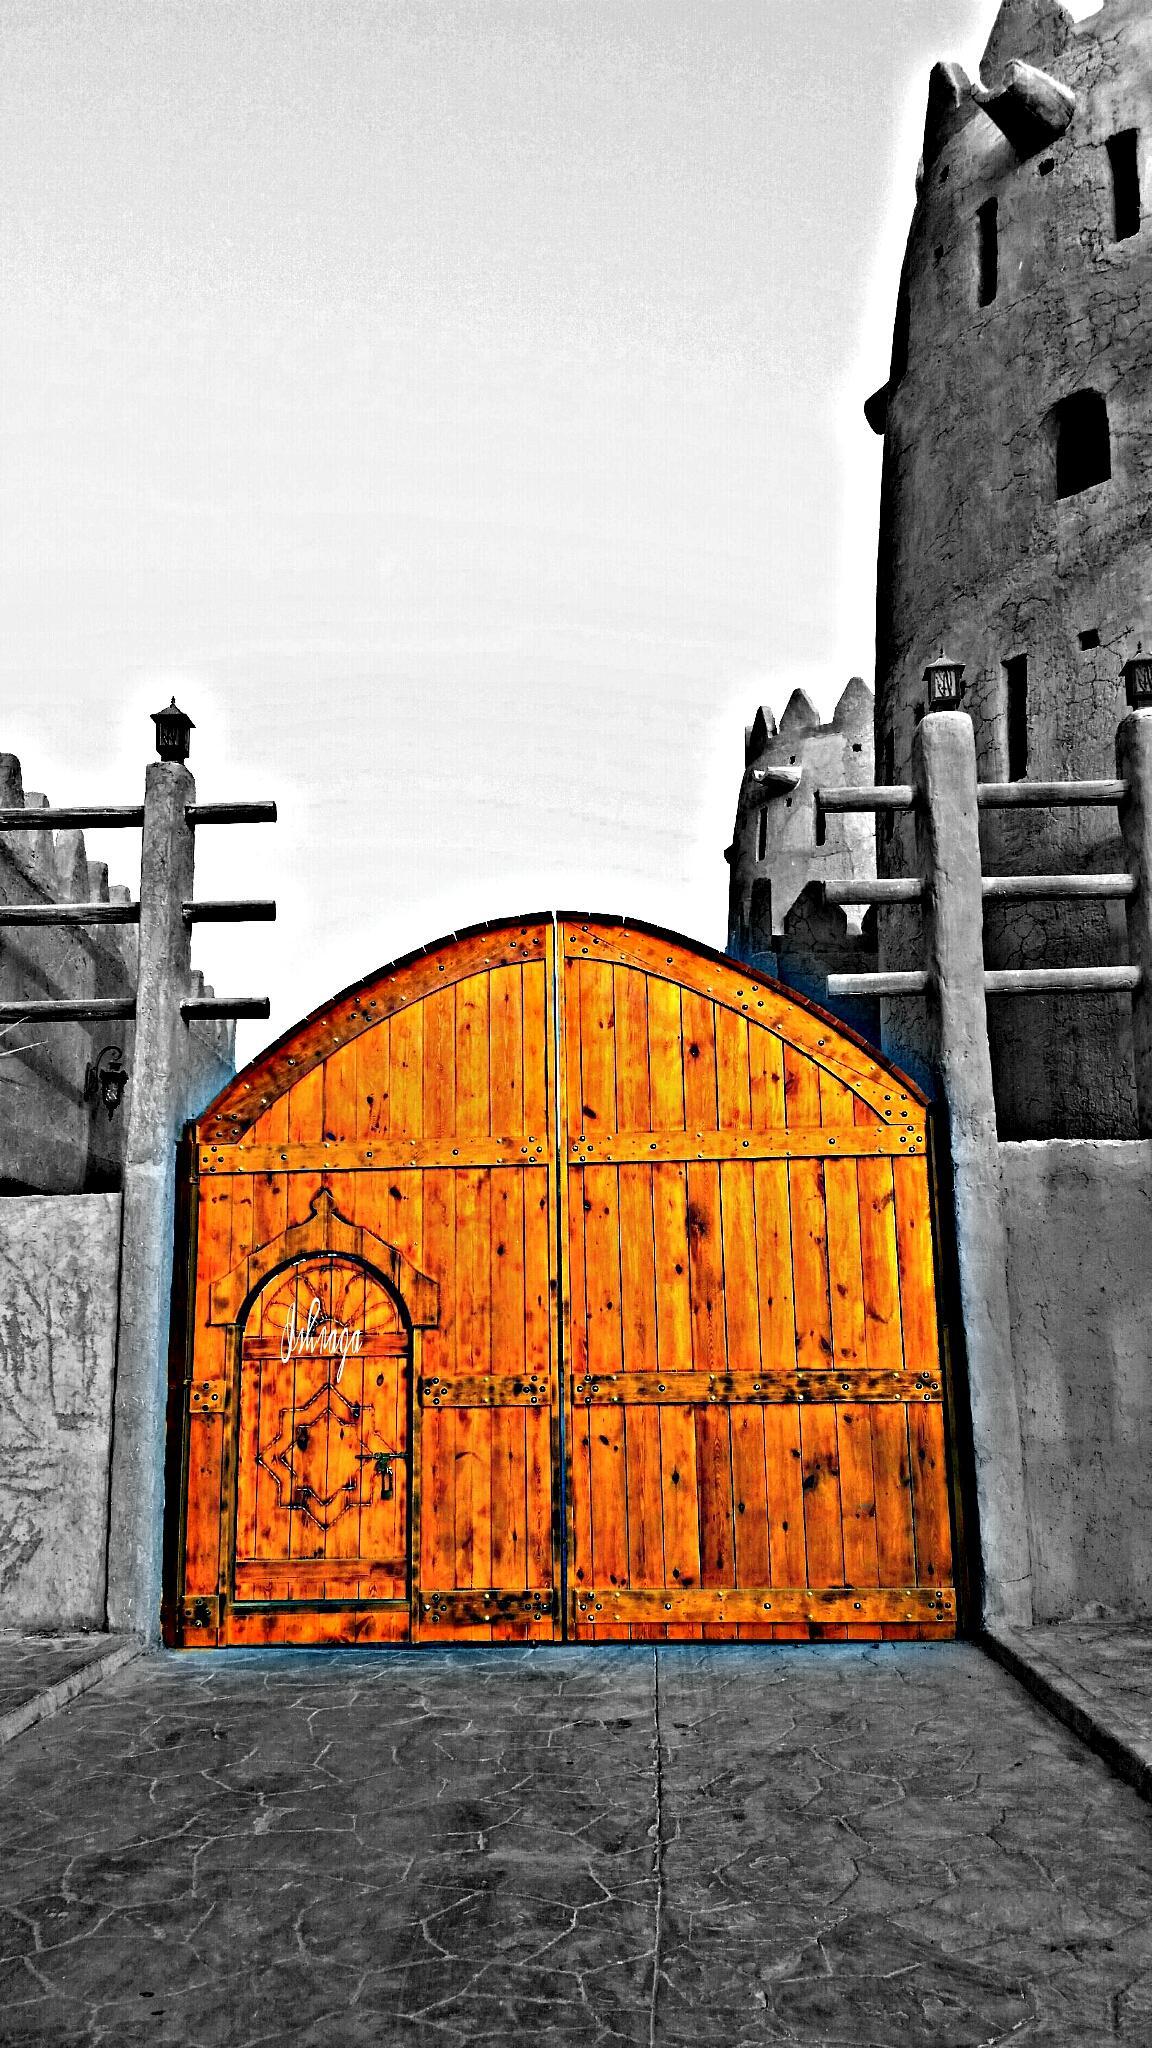 Untitled by Ishraga Ahmed Ali